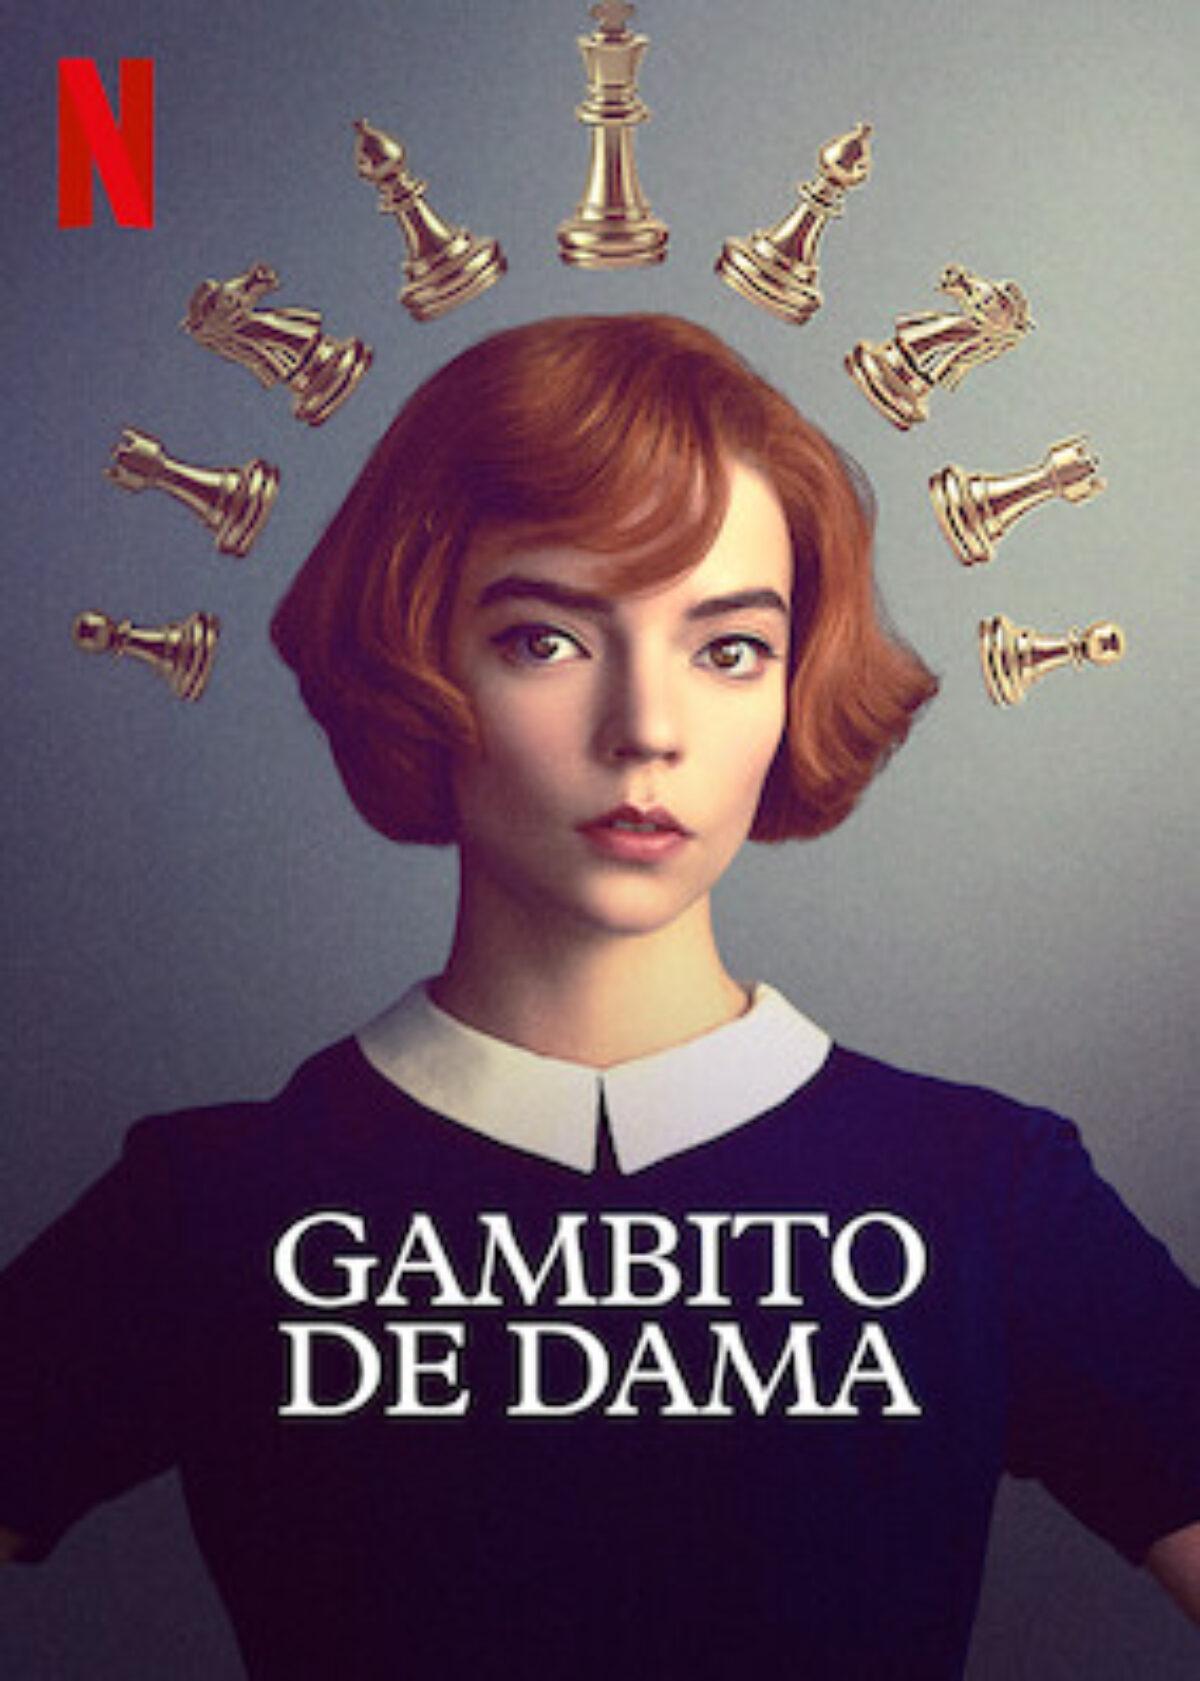 NETFLIX SERIES Y PELÍCULAS DE EMPODERAMIENTO FEMENINO